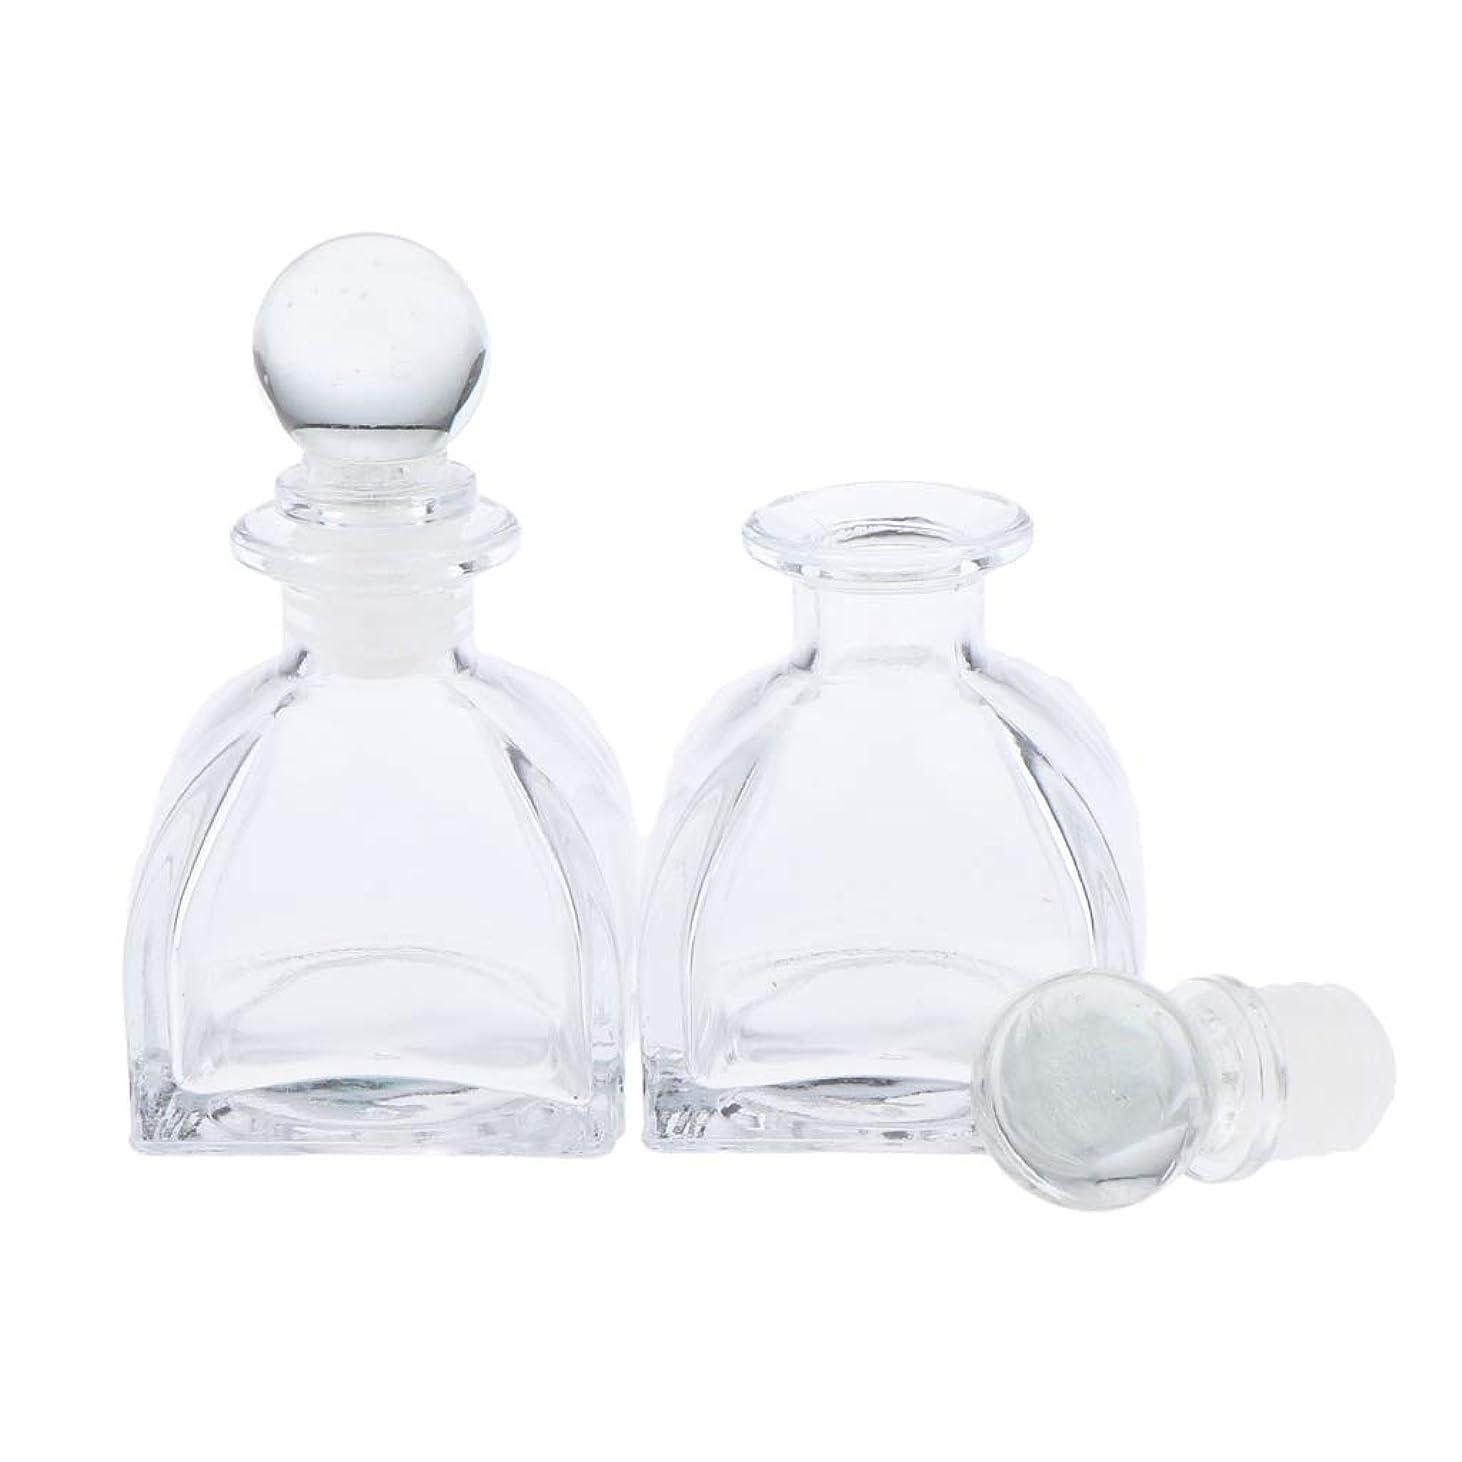 小間水没しっかりPerfeclan 2個 全3サイズ 香水ディフューザーボトル ガラスボトル 透明 ローション 化粧品適用 DIY 交換 - 50ミリリットル